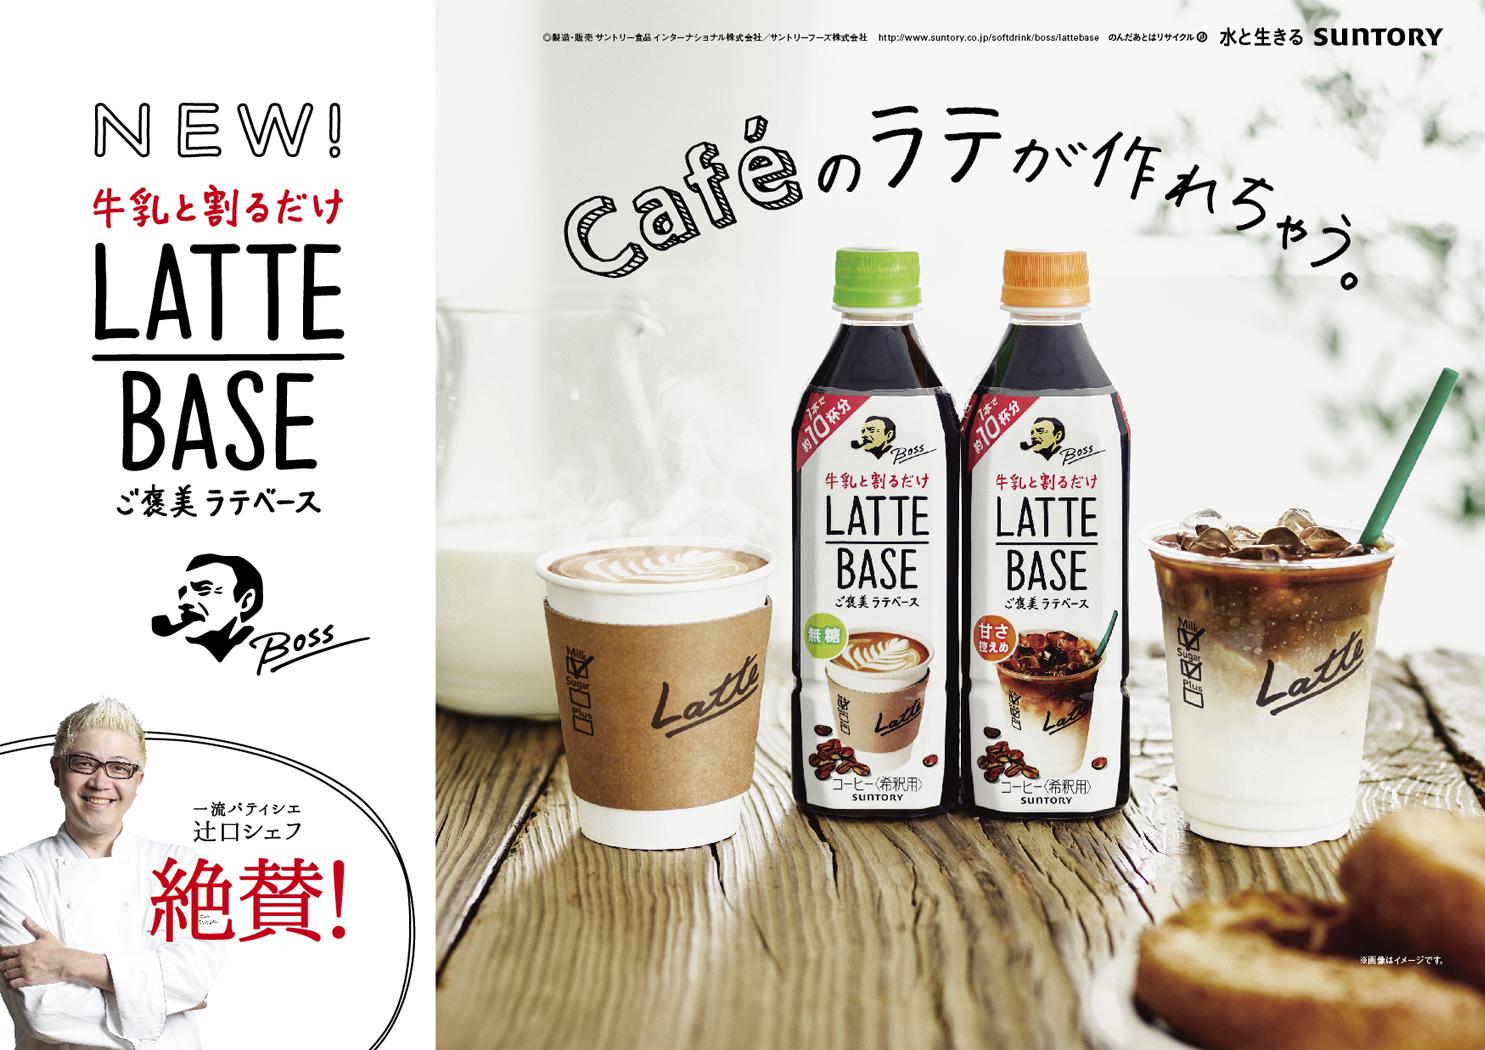 Suntory boss LatteBase B3board